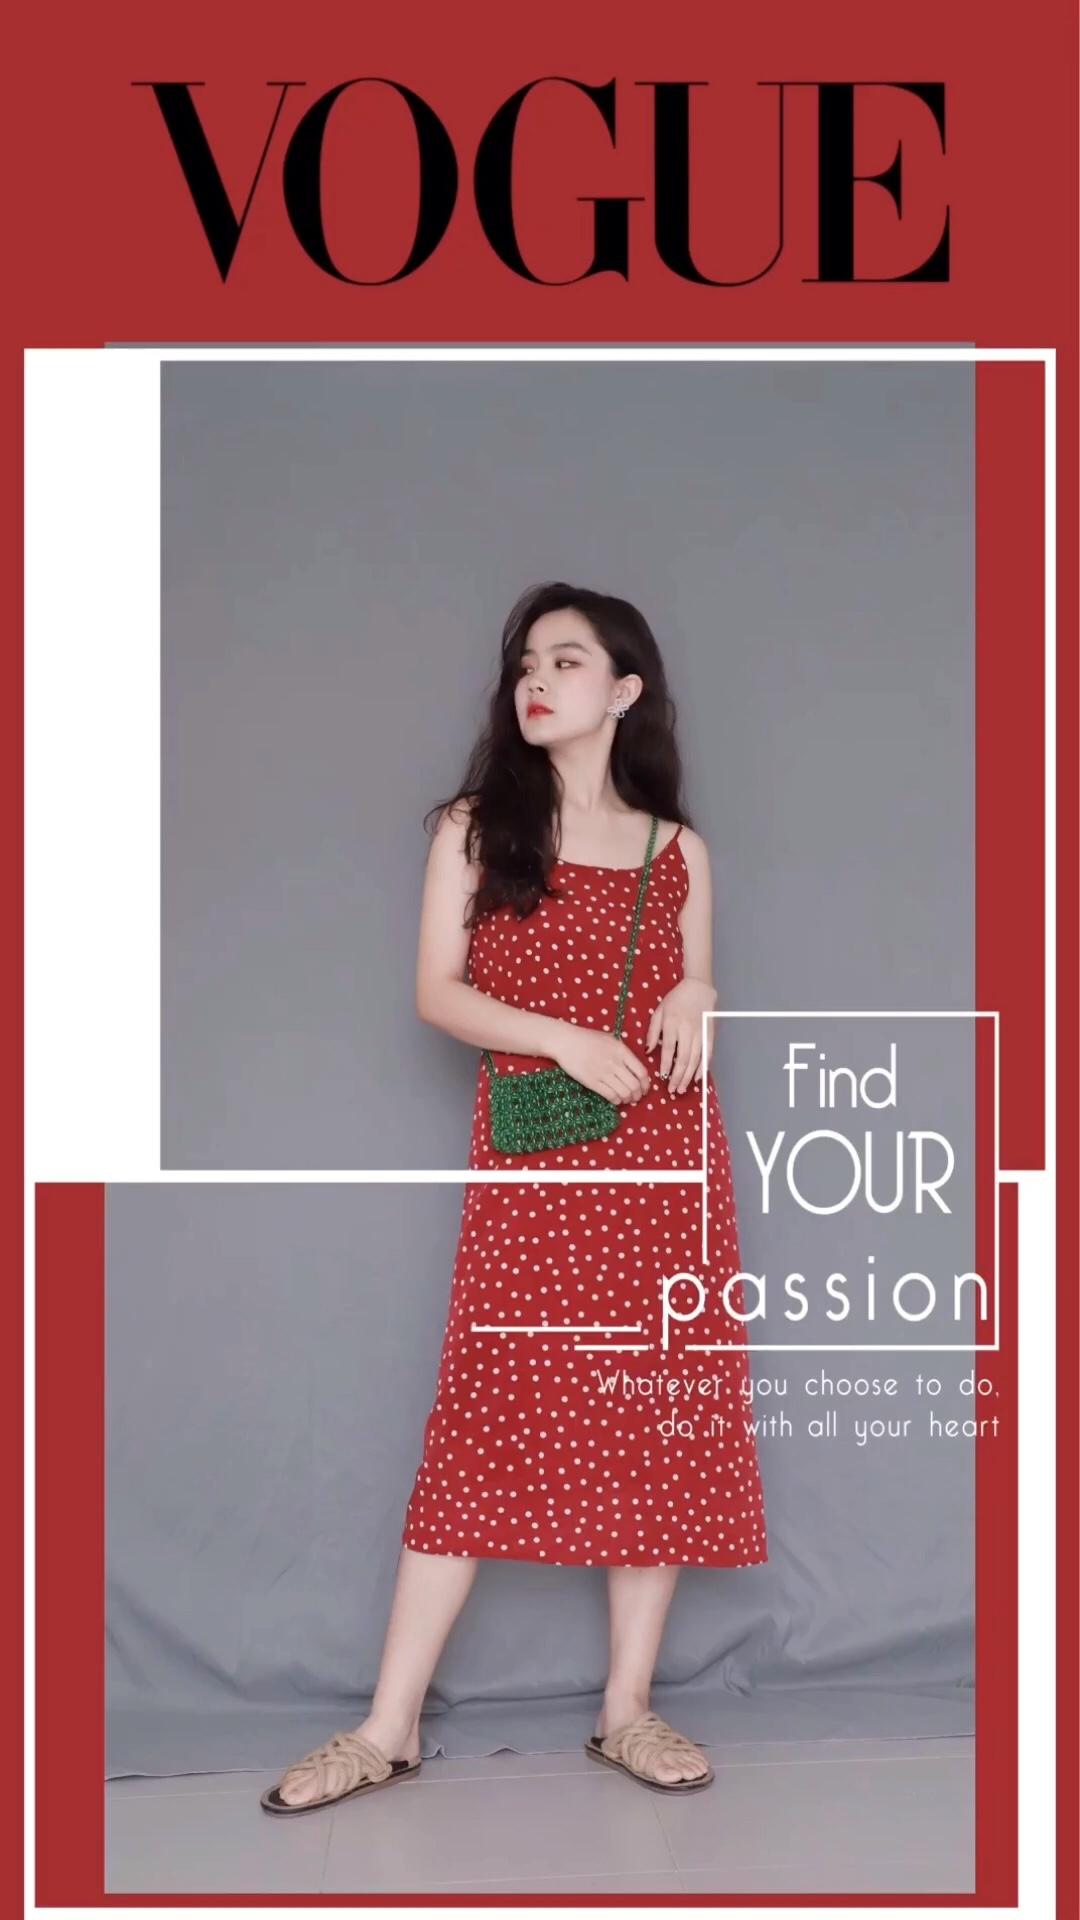 红色吊带波点连衣裙搭配绿色串珠包包 整套复古甜美风十足#火炉城市高温穿搭打卡!#